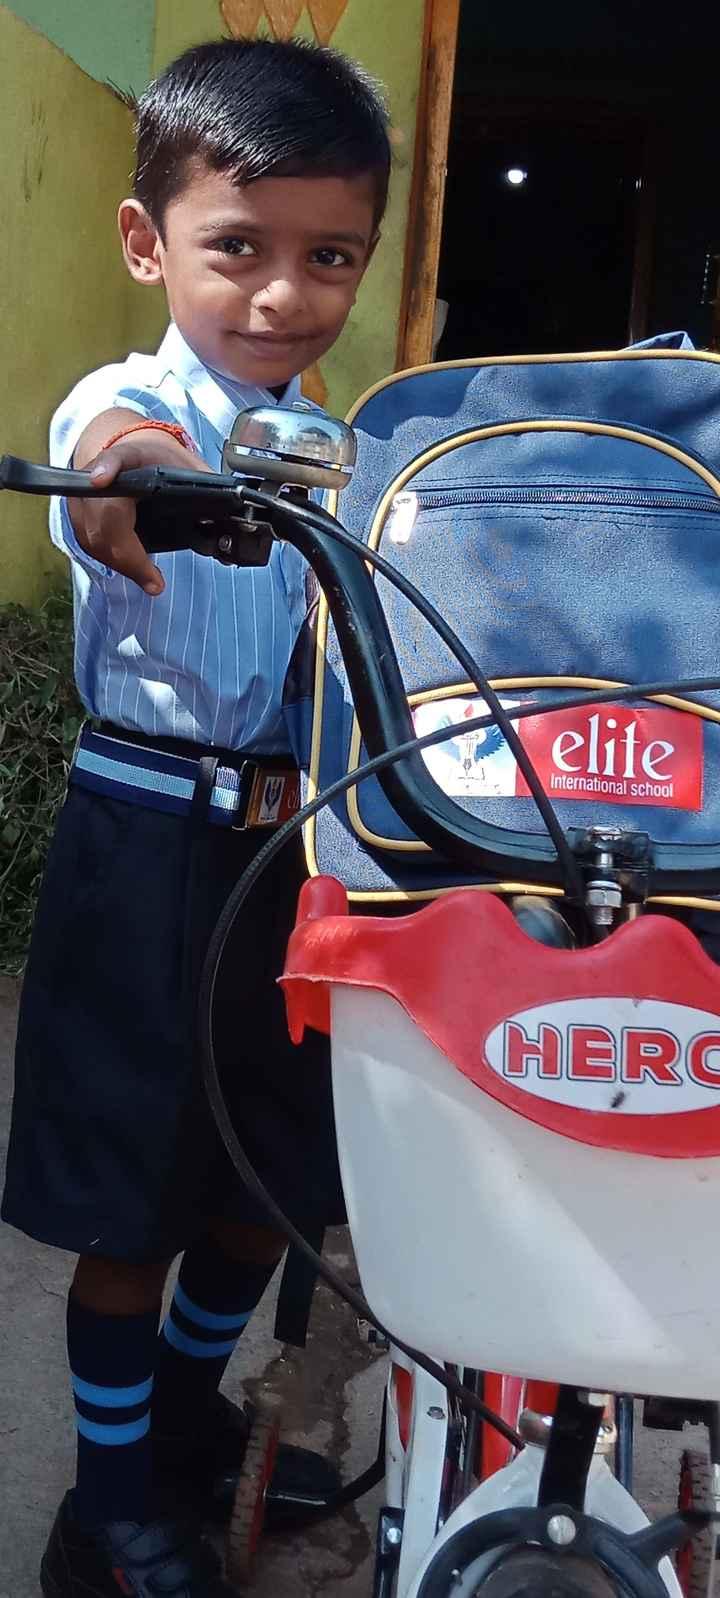 muddu hrudaya - TOTT 1 elite International school HERC - ShareChat